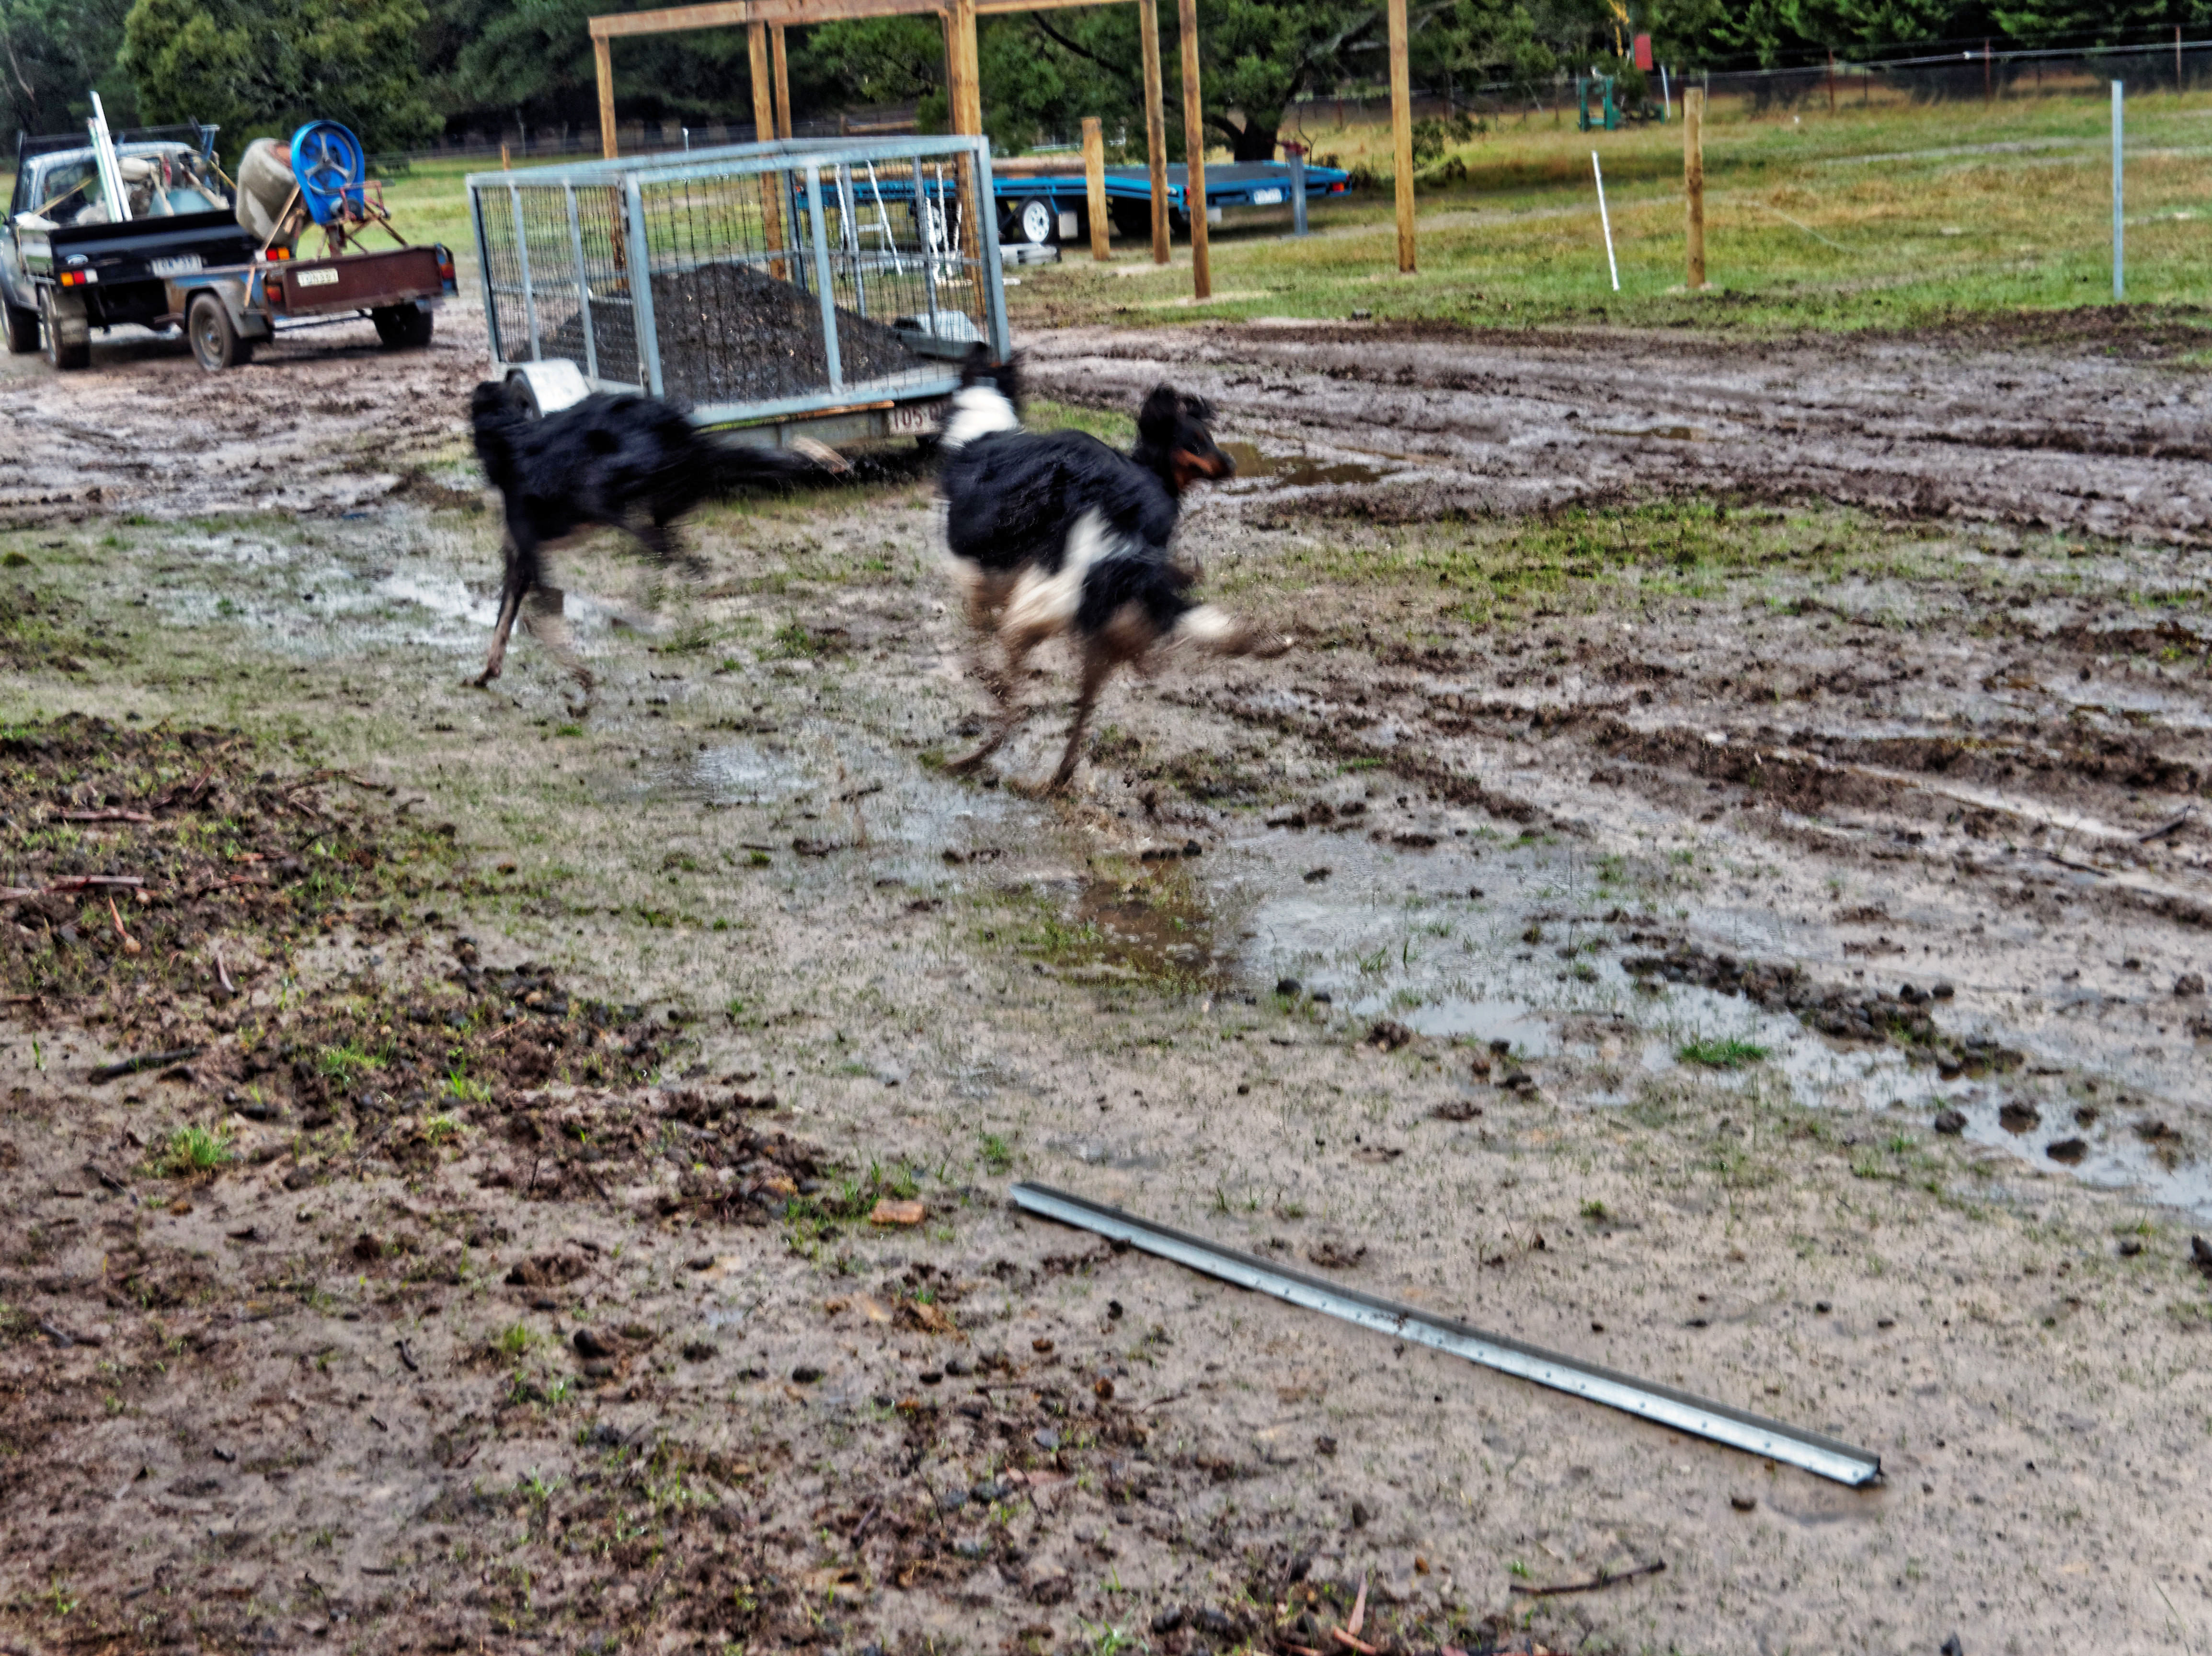 Dogs-5.jpeg